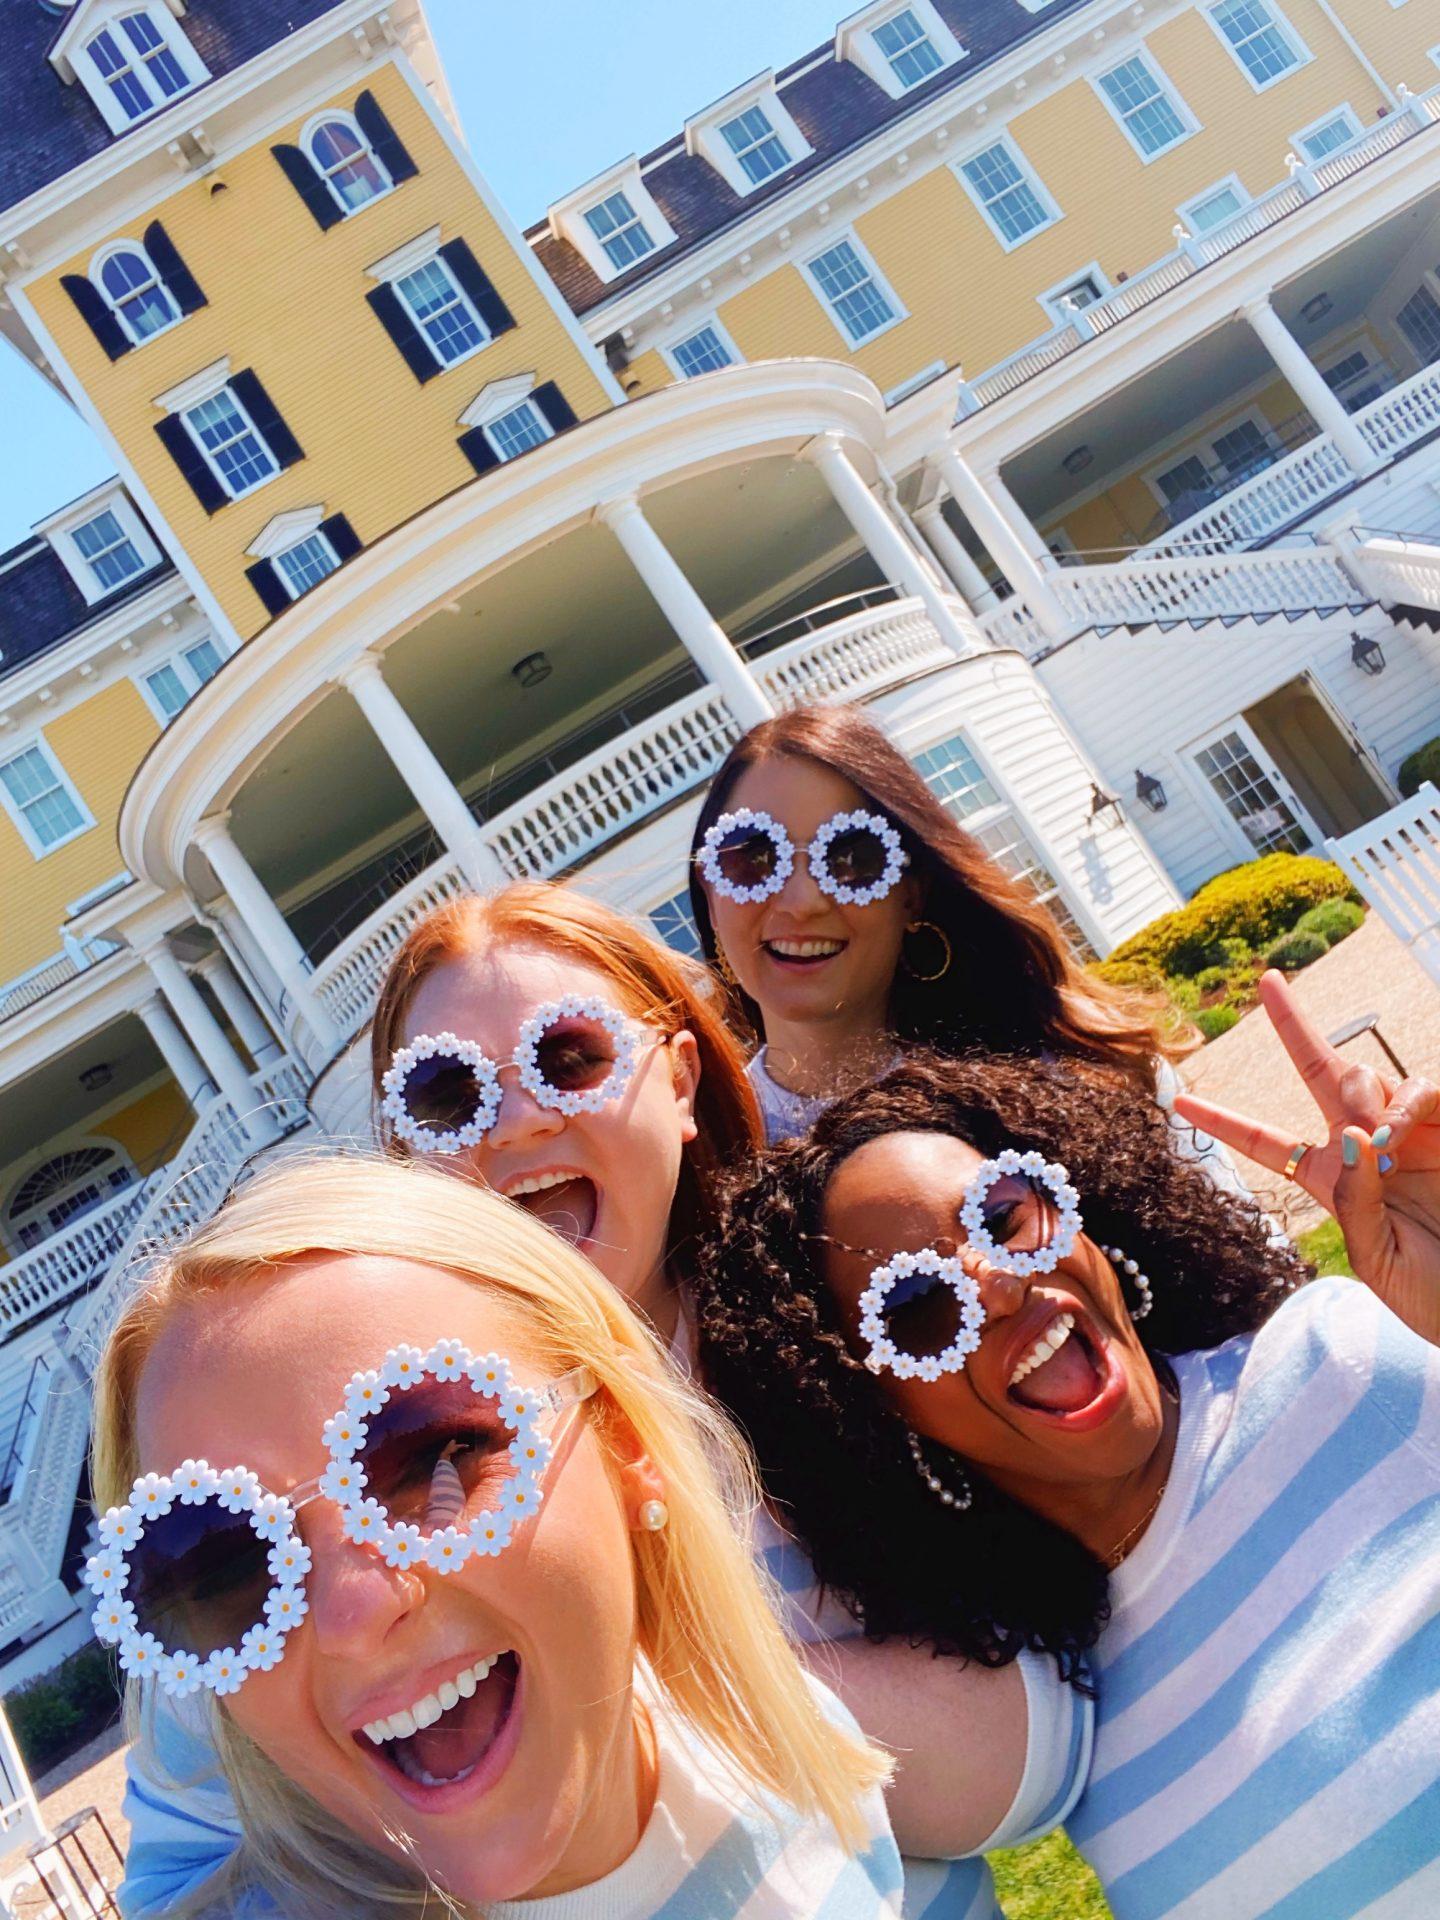 Amazon daisy sunglasses